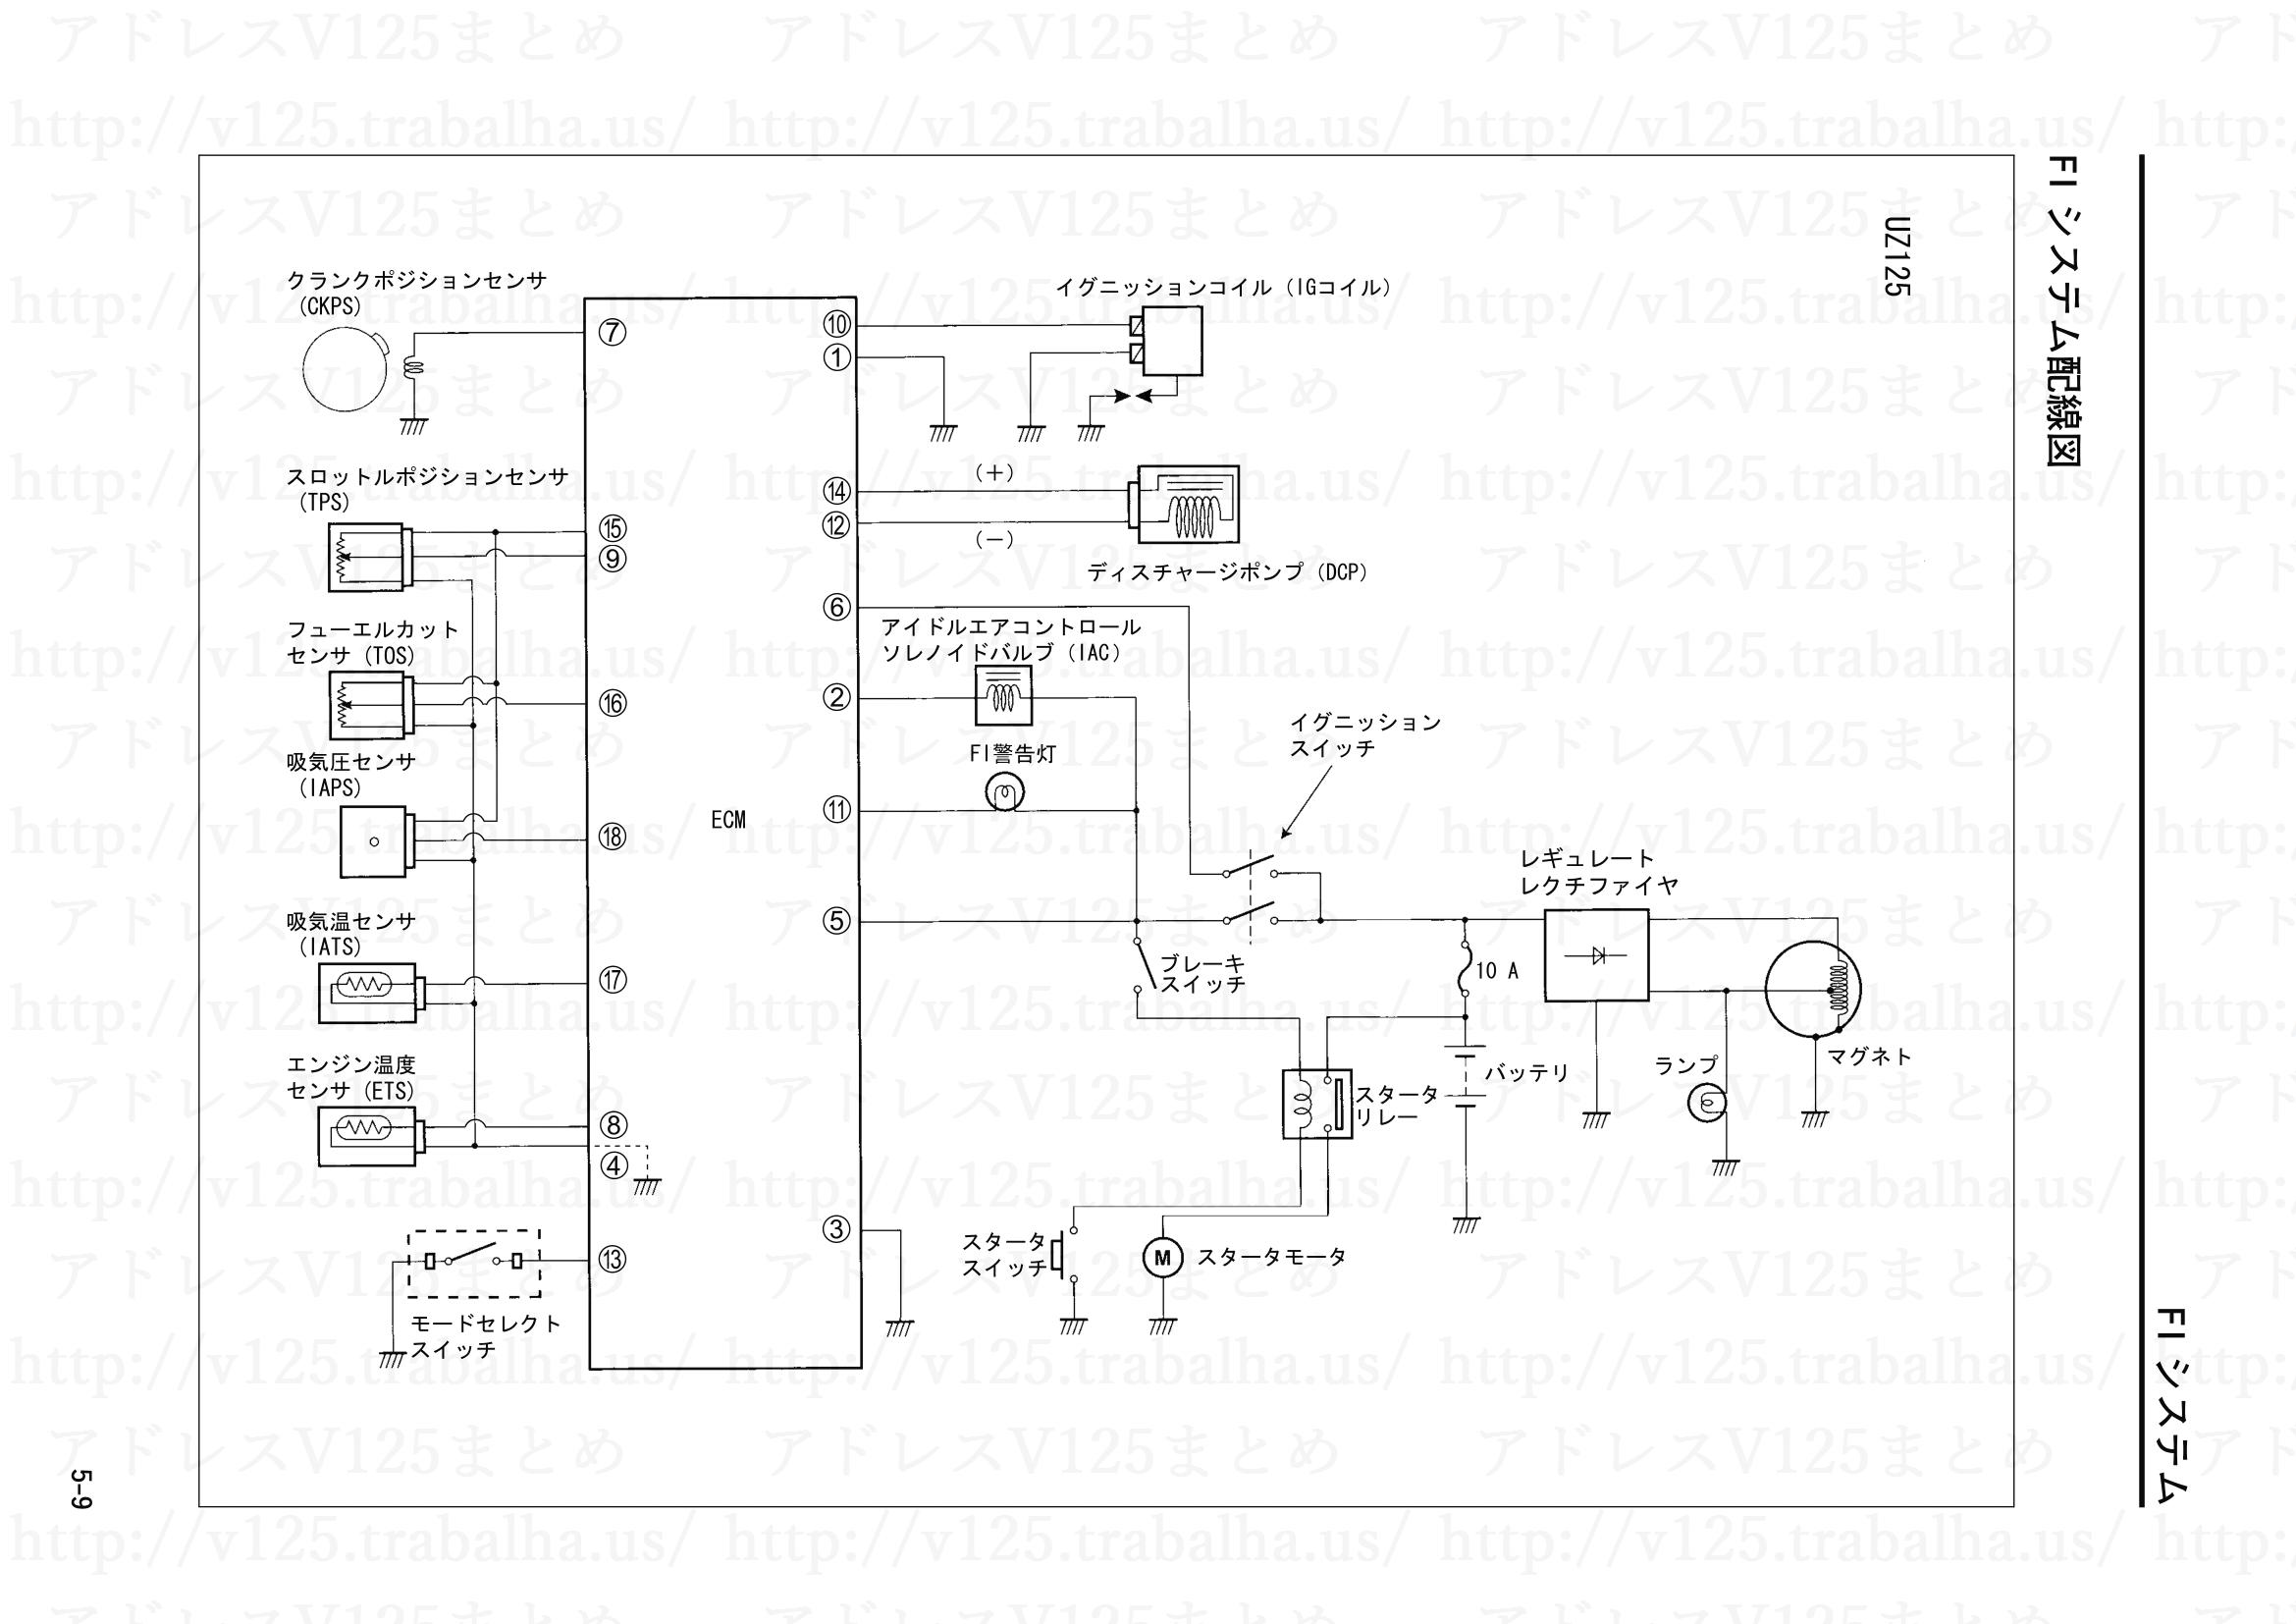 5-9【FIシステム】FIシステム配線図(V125)